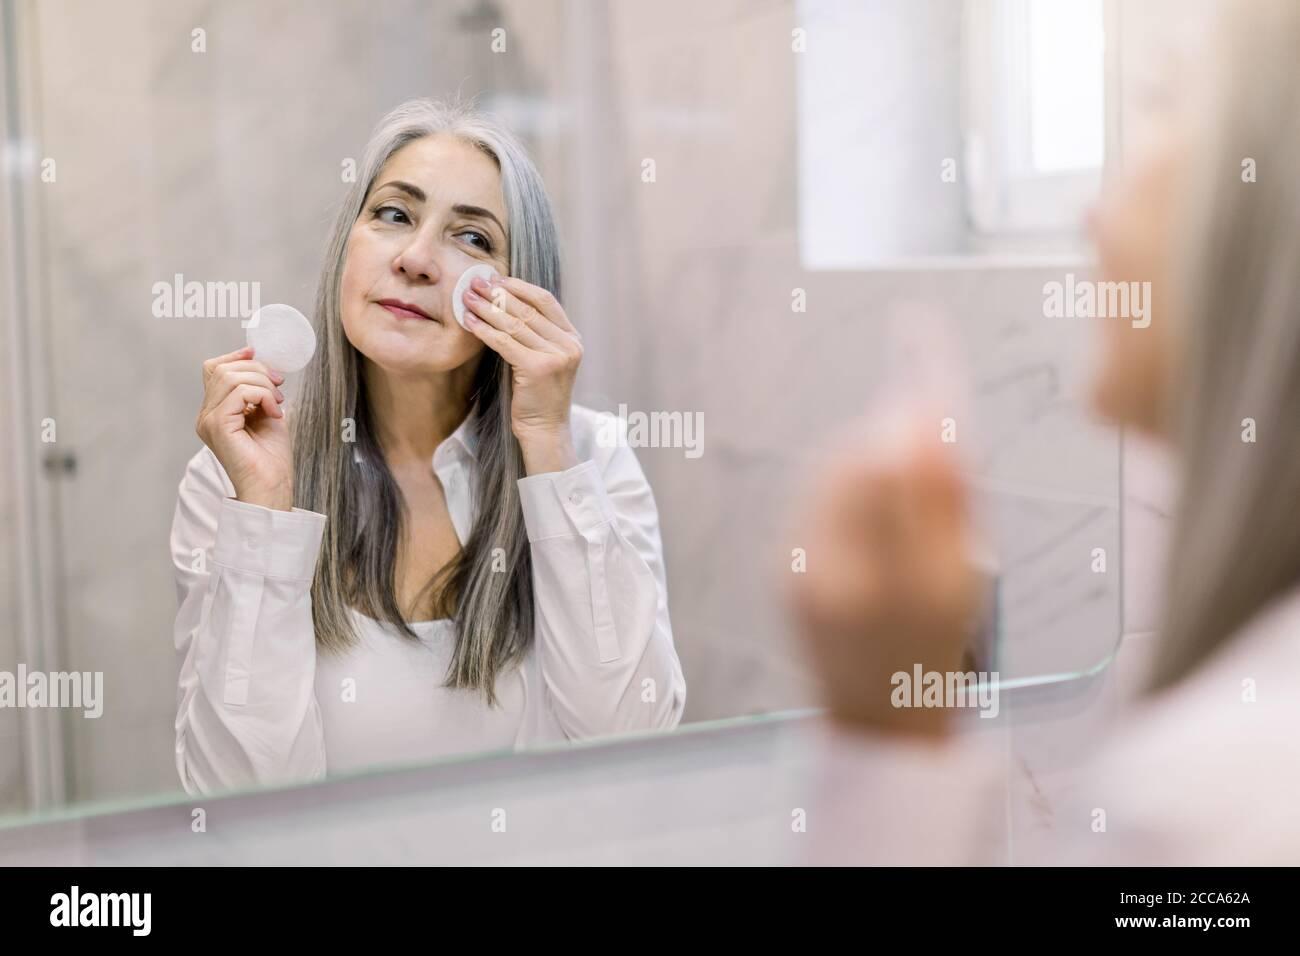 Concepto de cuidado e higiene de la piel. Encantadora señora mayor de pelo gris usando una almohadilla de algodón con agua micelar para eliminar el relleno de la cara, de pie Foto de stock